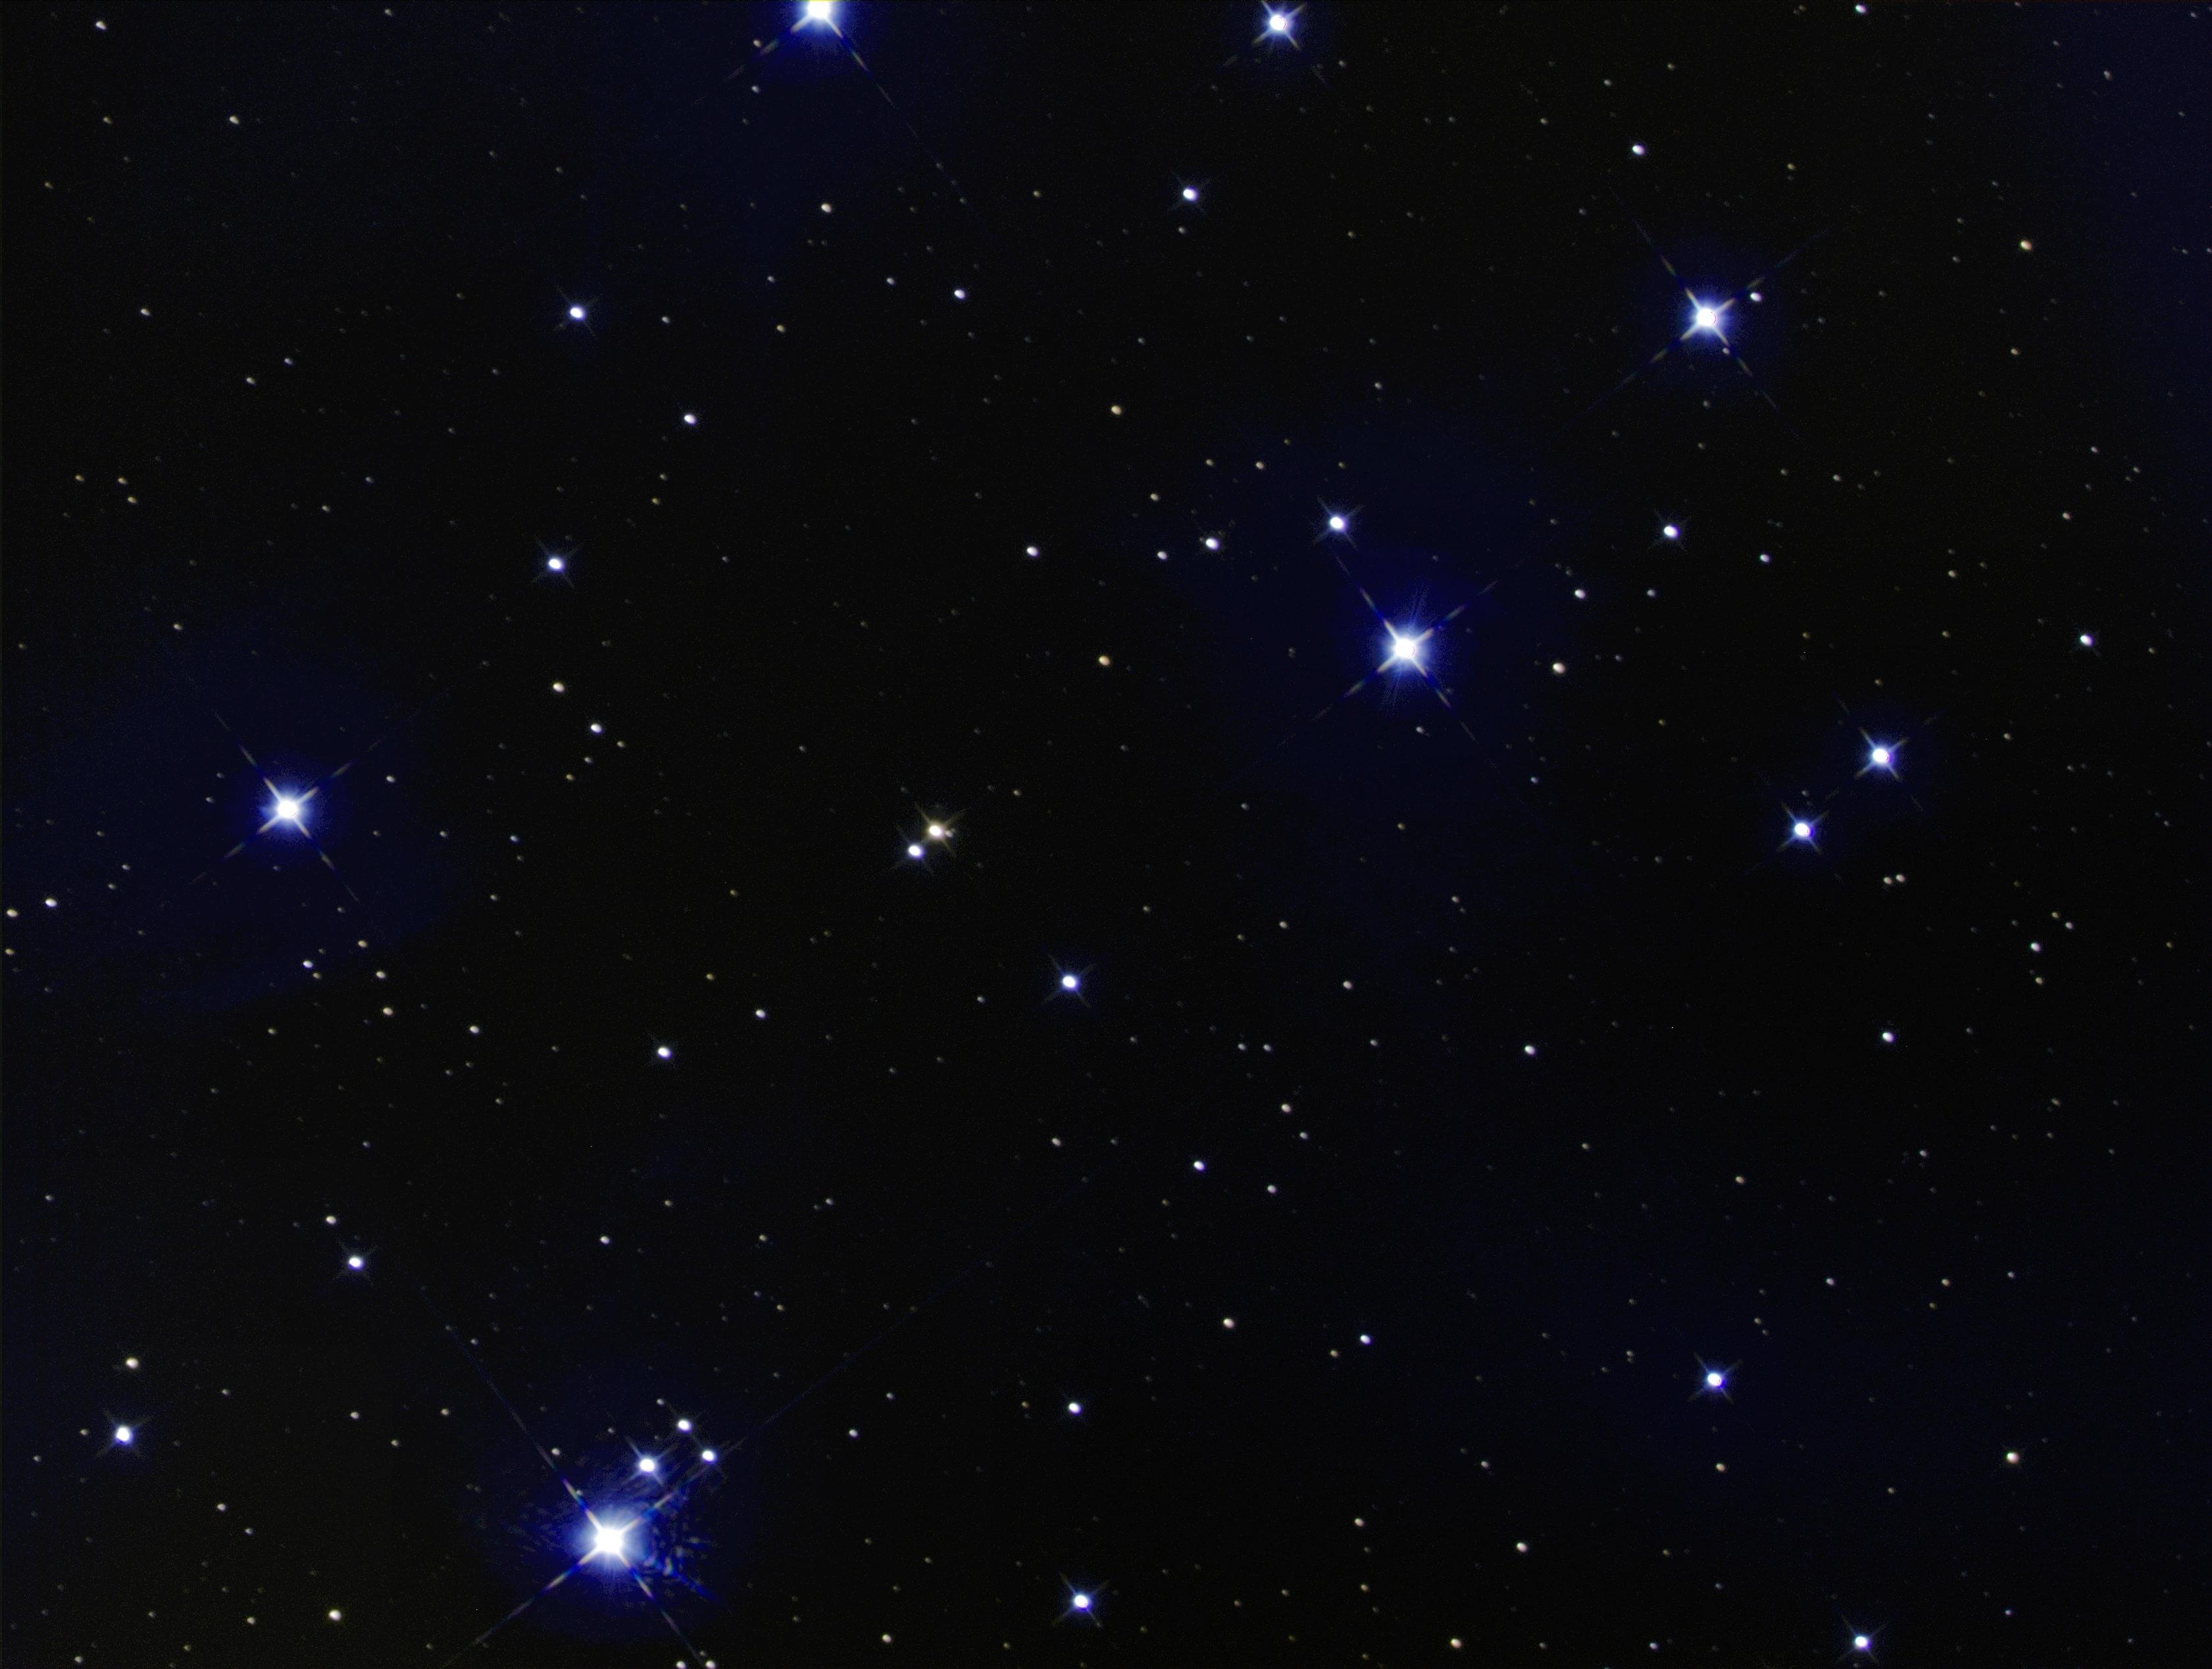 M45 Ha RVB